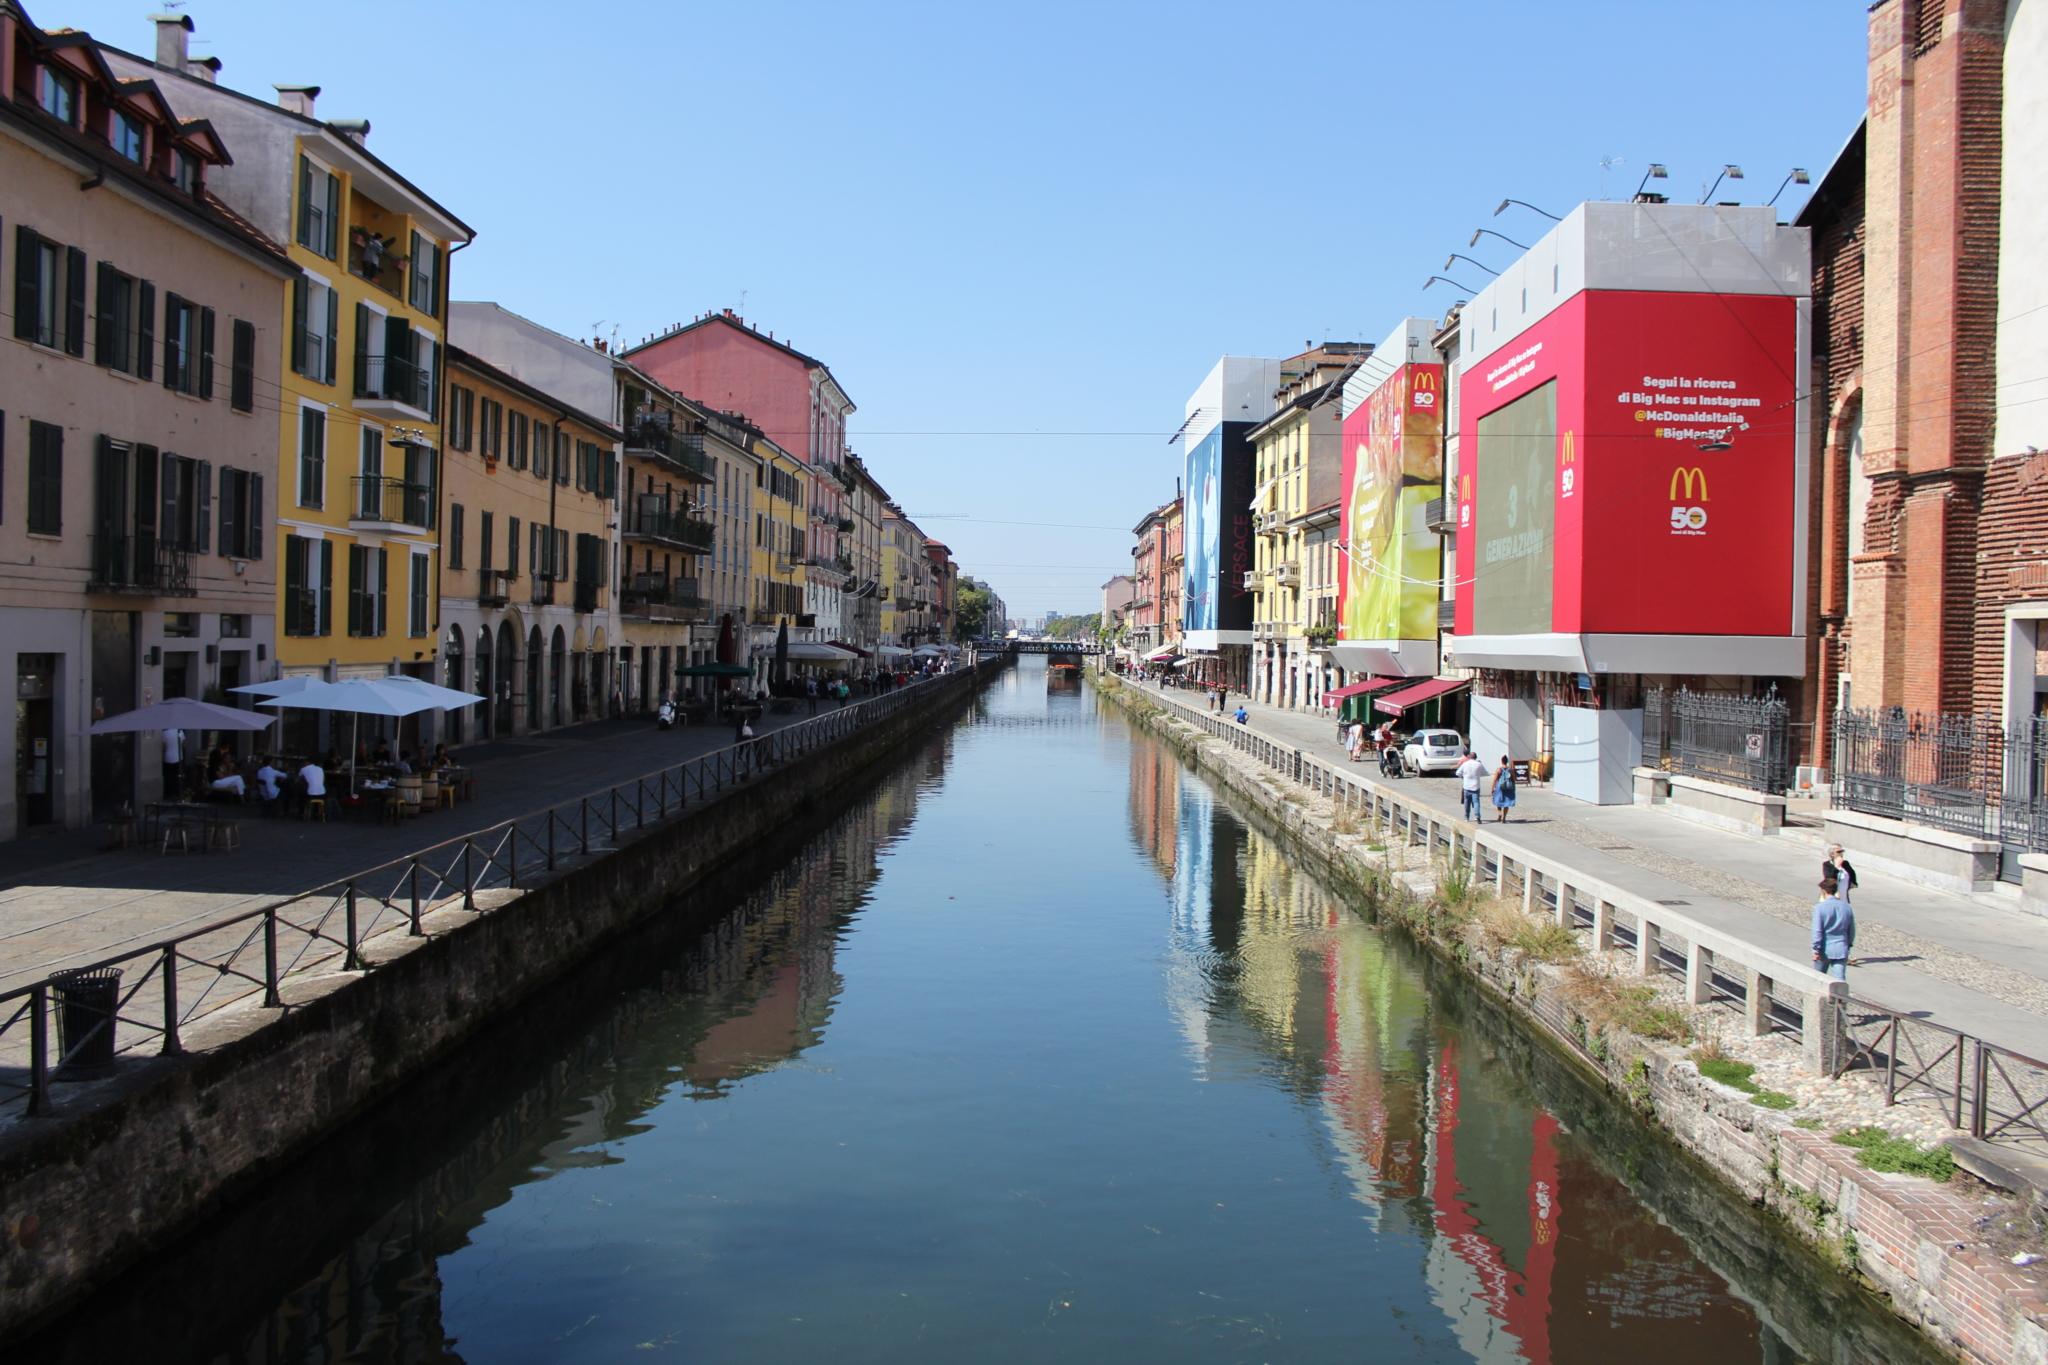 milan, italie, navigli, voyage, travel